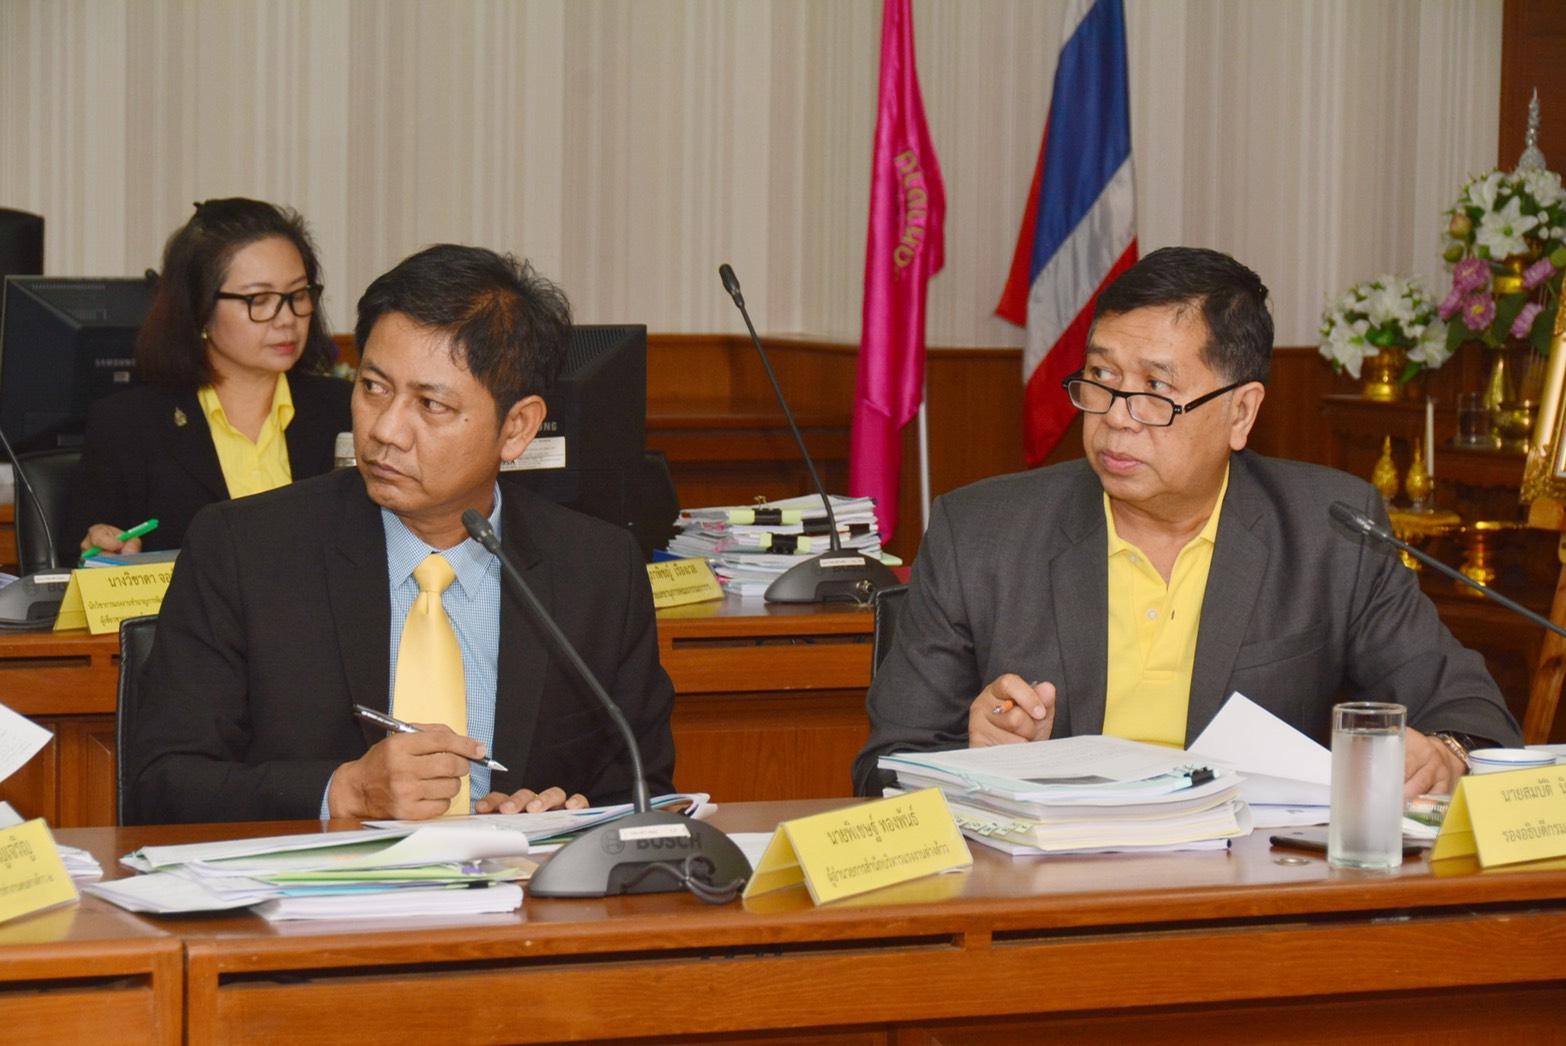 รองอธิบดีกรมการจัดหางาน ร่วมประชุมคณะกรรมการพิจารณาการดำเนินงานขององค์การเอกชนต่างประเทศ